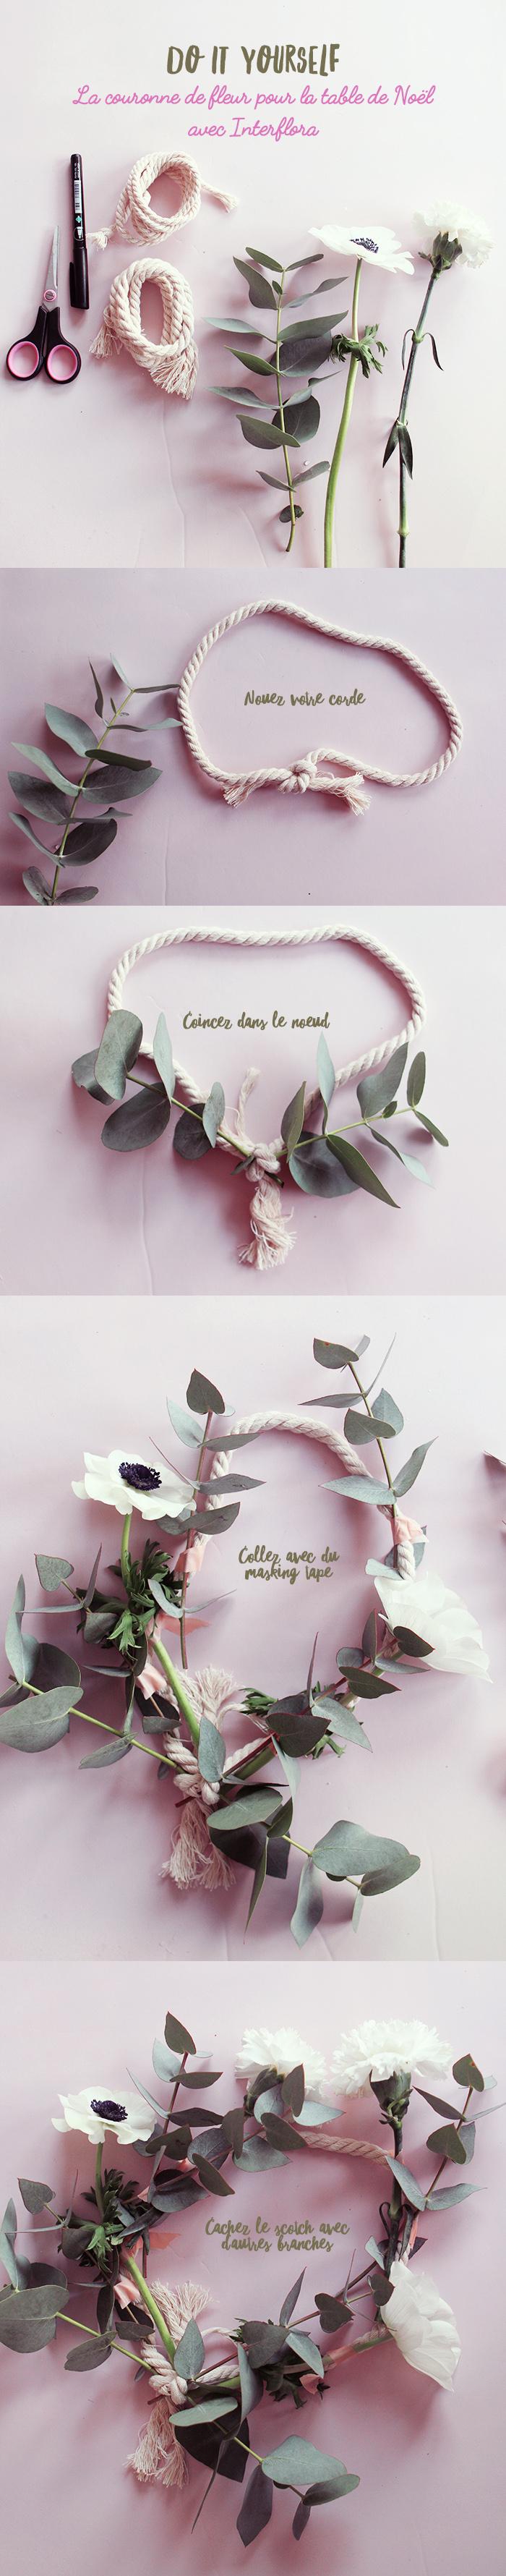 DIY : La couronne de fleurs pour la table de Noël (surprise inside)